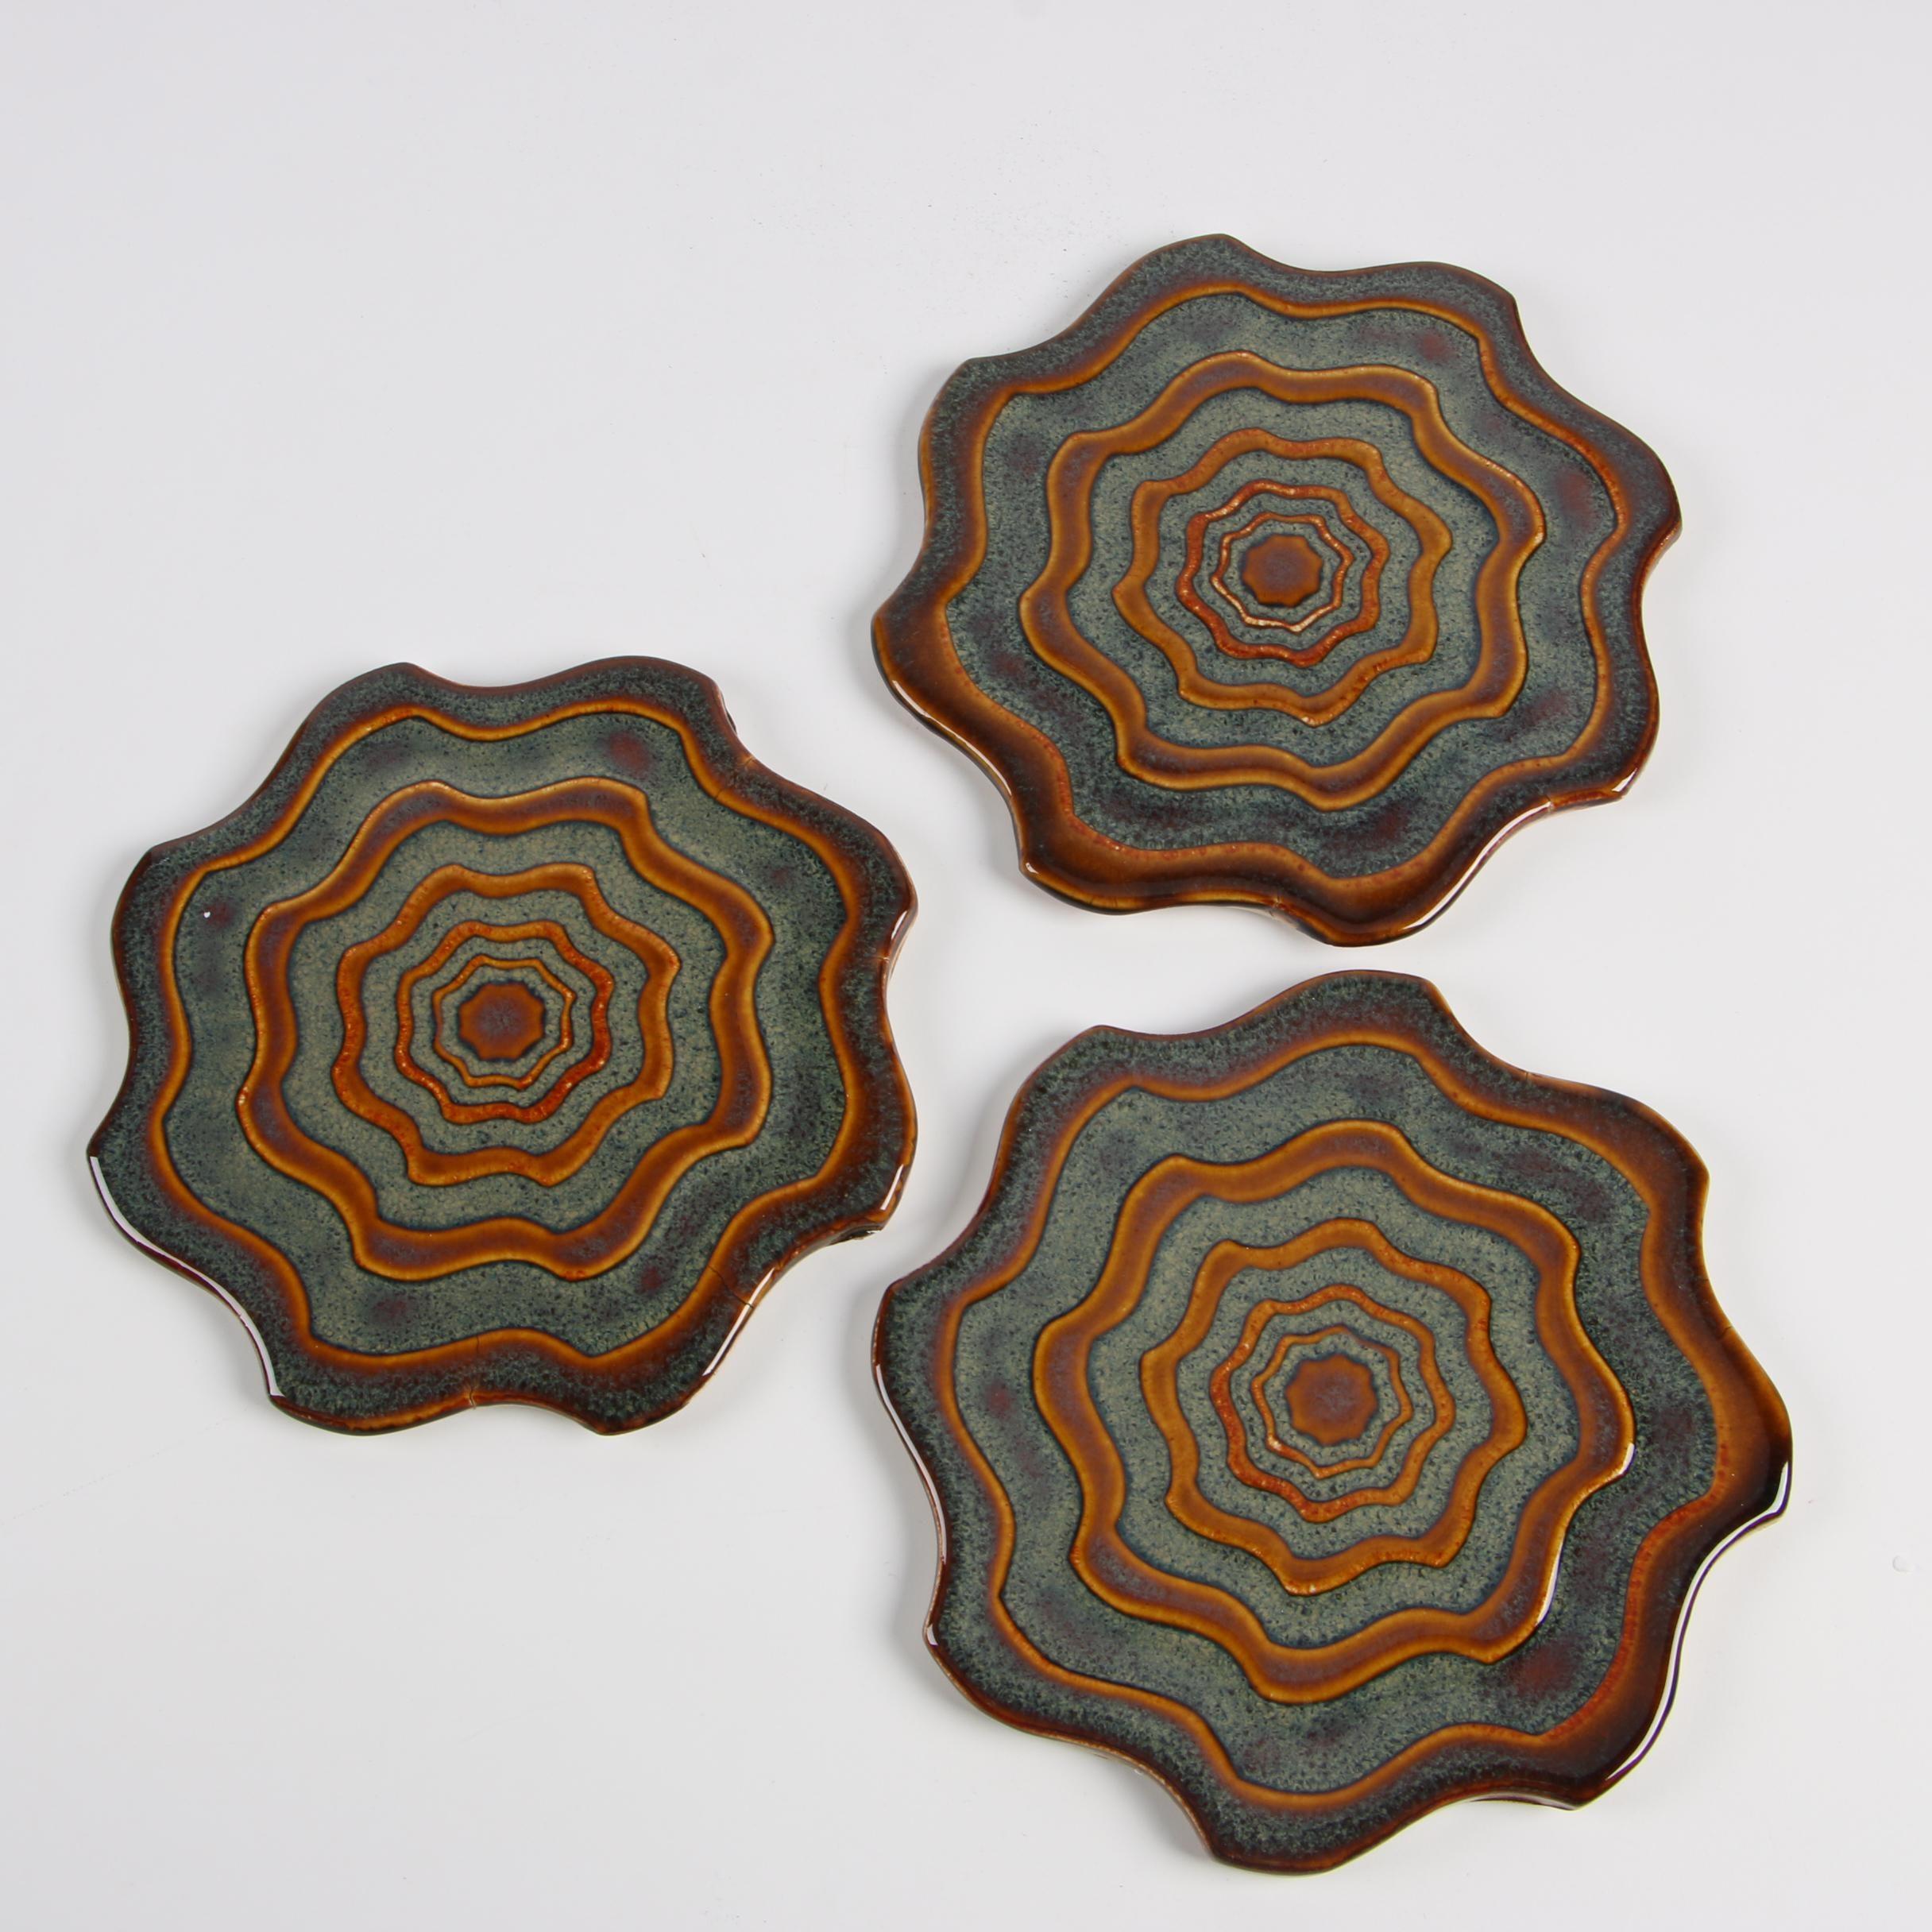 Rookwood Pottery Faïence Burnt Umber and Slate Blue Tile Trivets